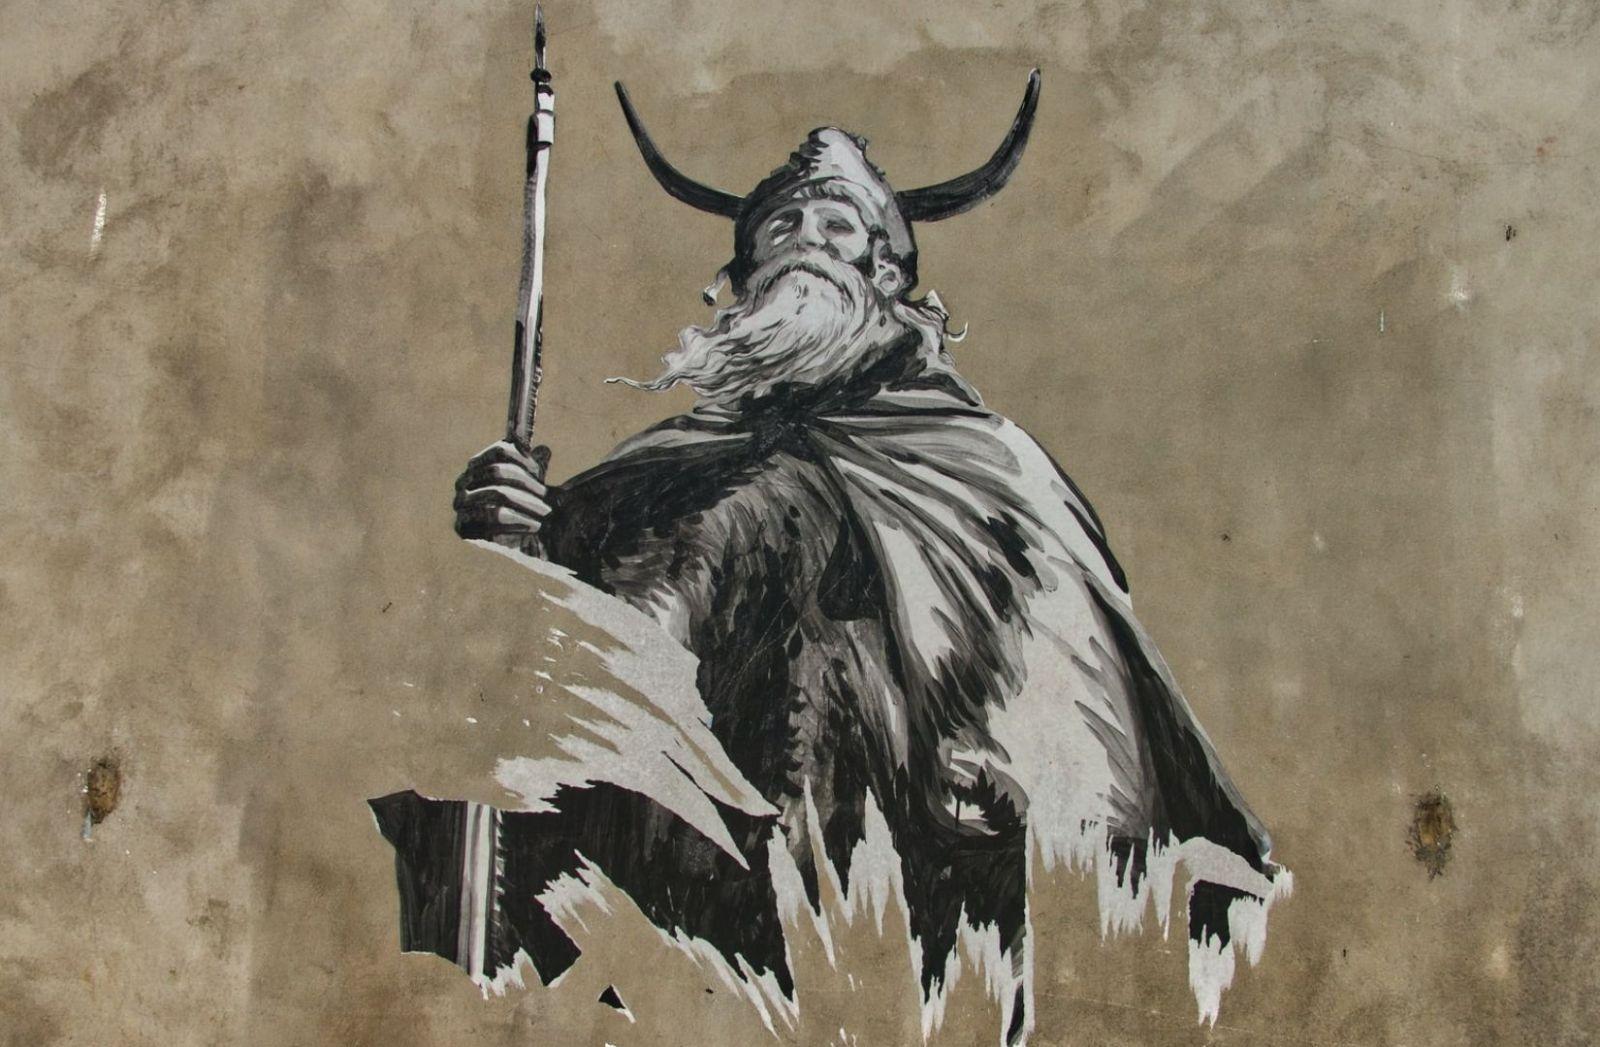 Geschichte festgehalten als Collage in Paris an einer Wand. (Foto: Pascal Bernardon, Unsplash.com)